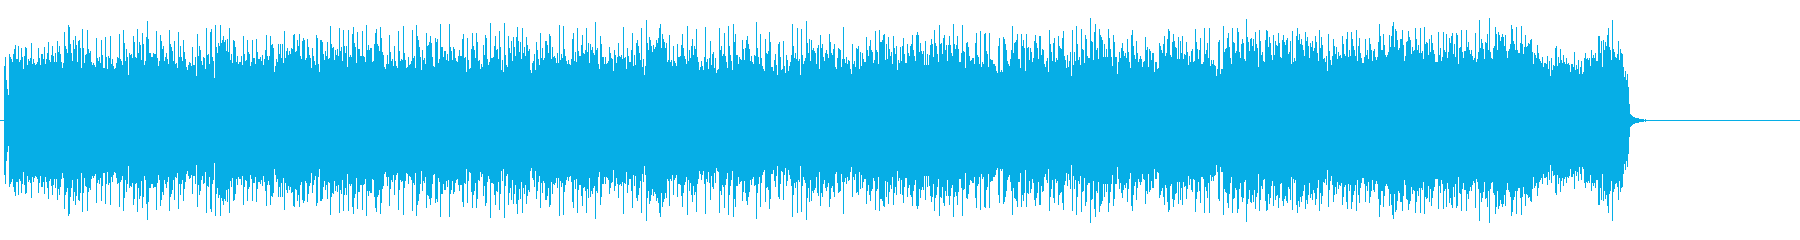 風が駆け抜けるロック(サビ~エンド)の再生済みの波形